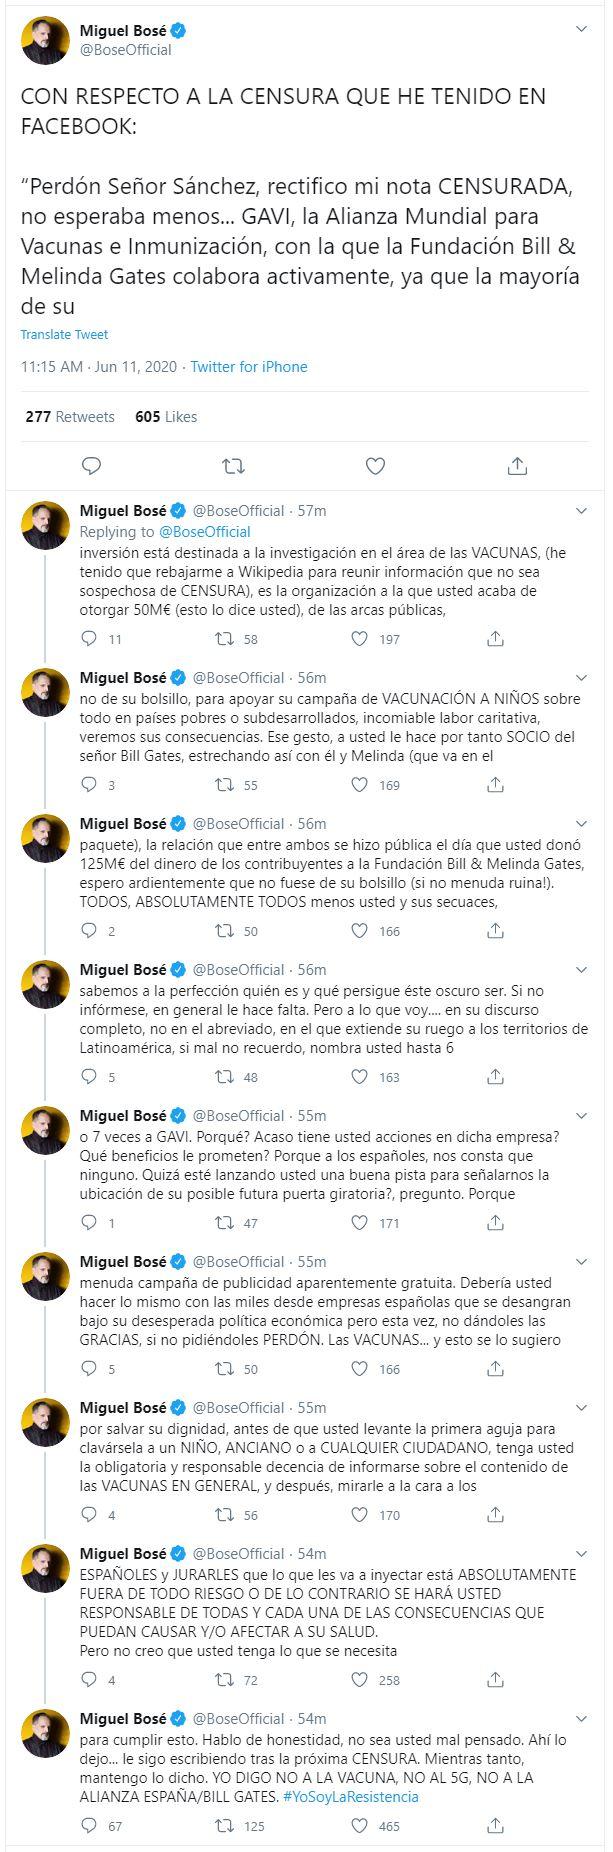 Miguel Bosé descargó su furia en Twitter sobre la alianza entre Pedro Sánchez y la Fundación Bill y Melinda Gates para hacer vacunas (Twitter)